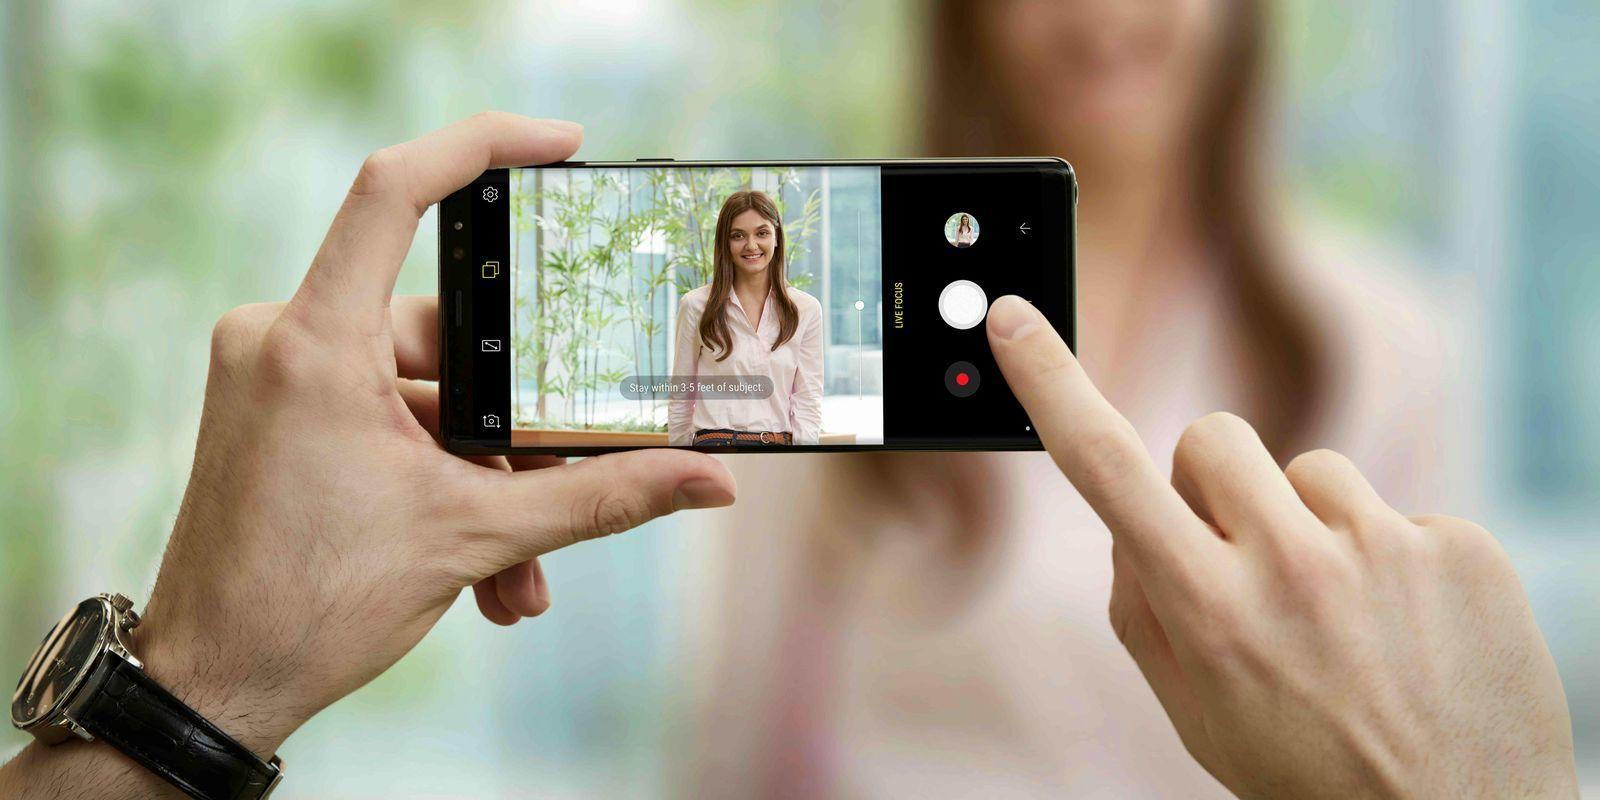 Le Samsung Galaxy Note 8 est le meilleur photophone sous Android, selon DxO